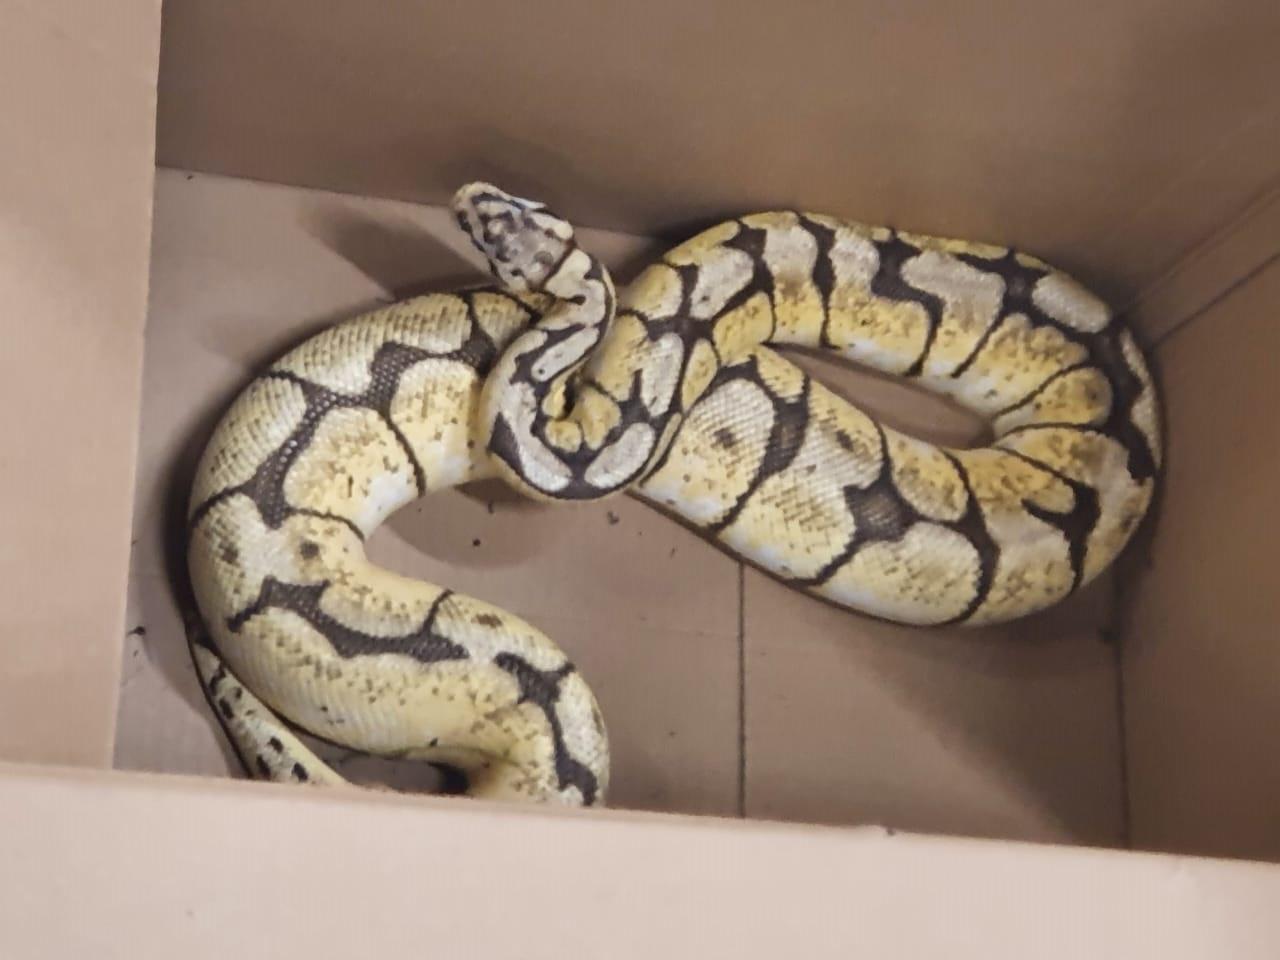 Les secours ont récupéré un serpent sur la voie publique aux Abymes